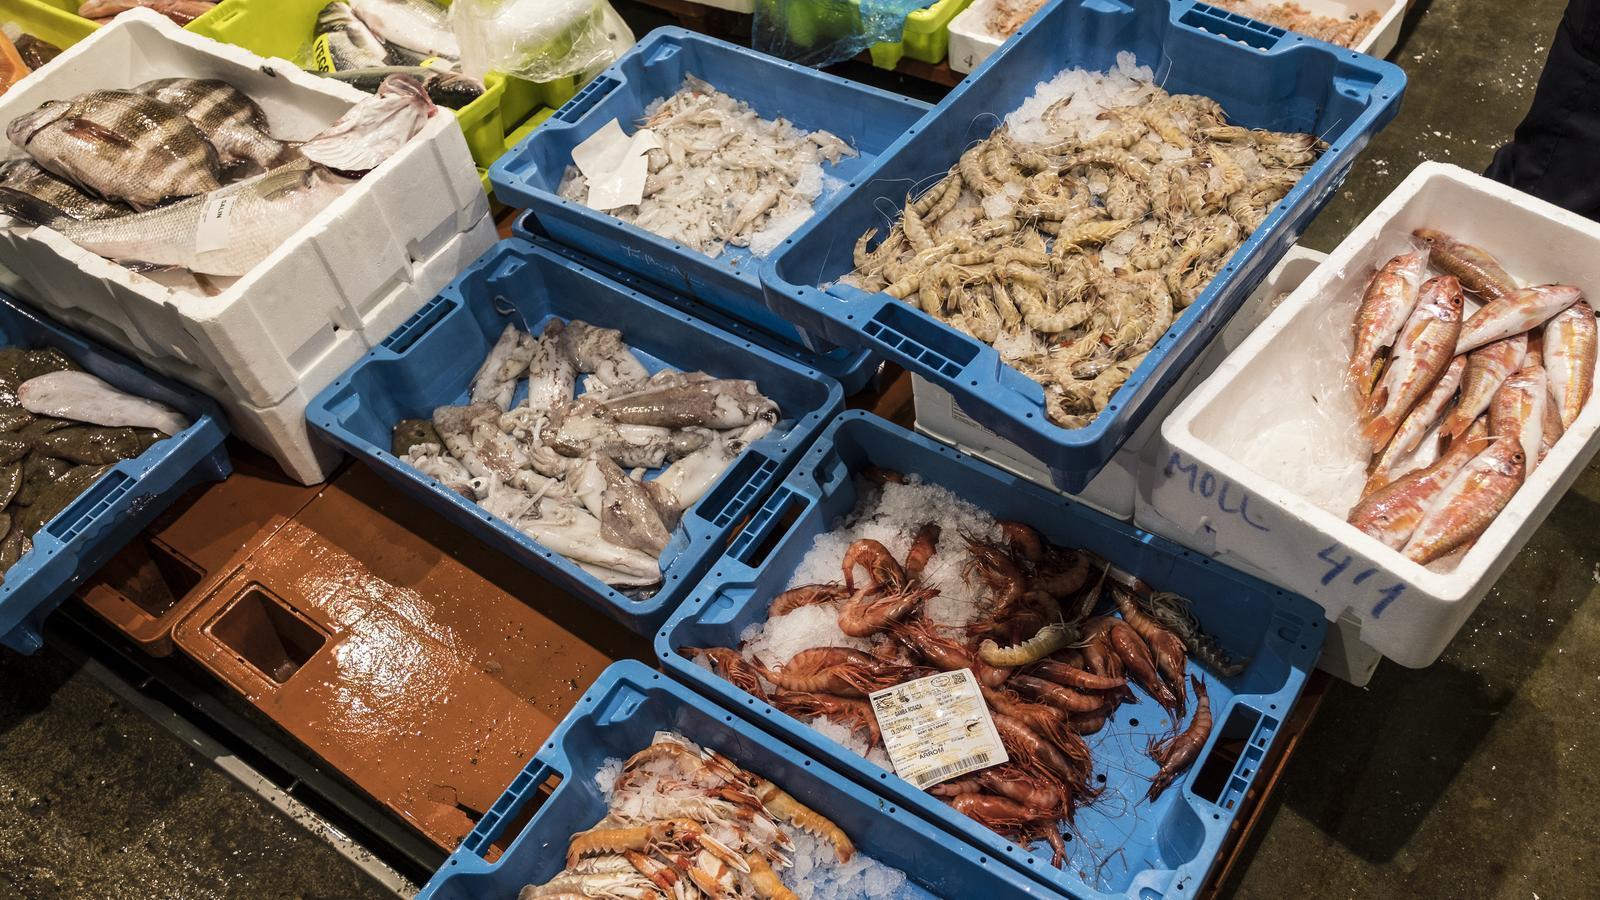 Barcelona acollirà la principal fira mundial de productes del mar